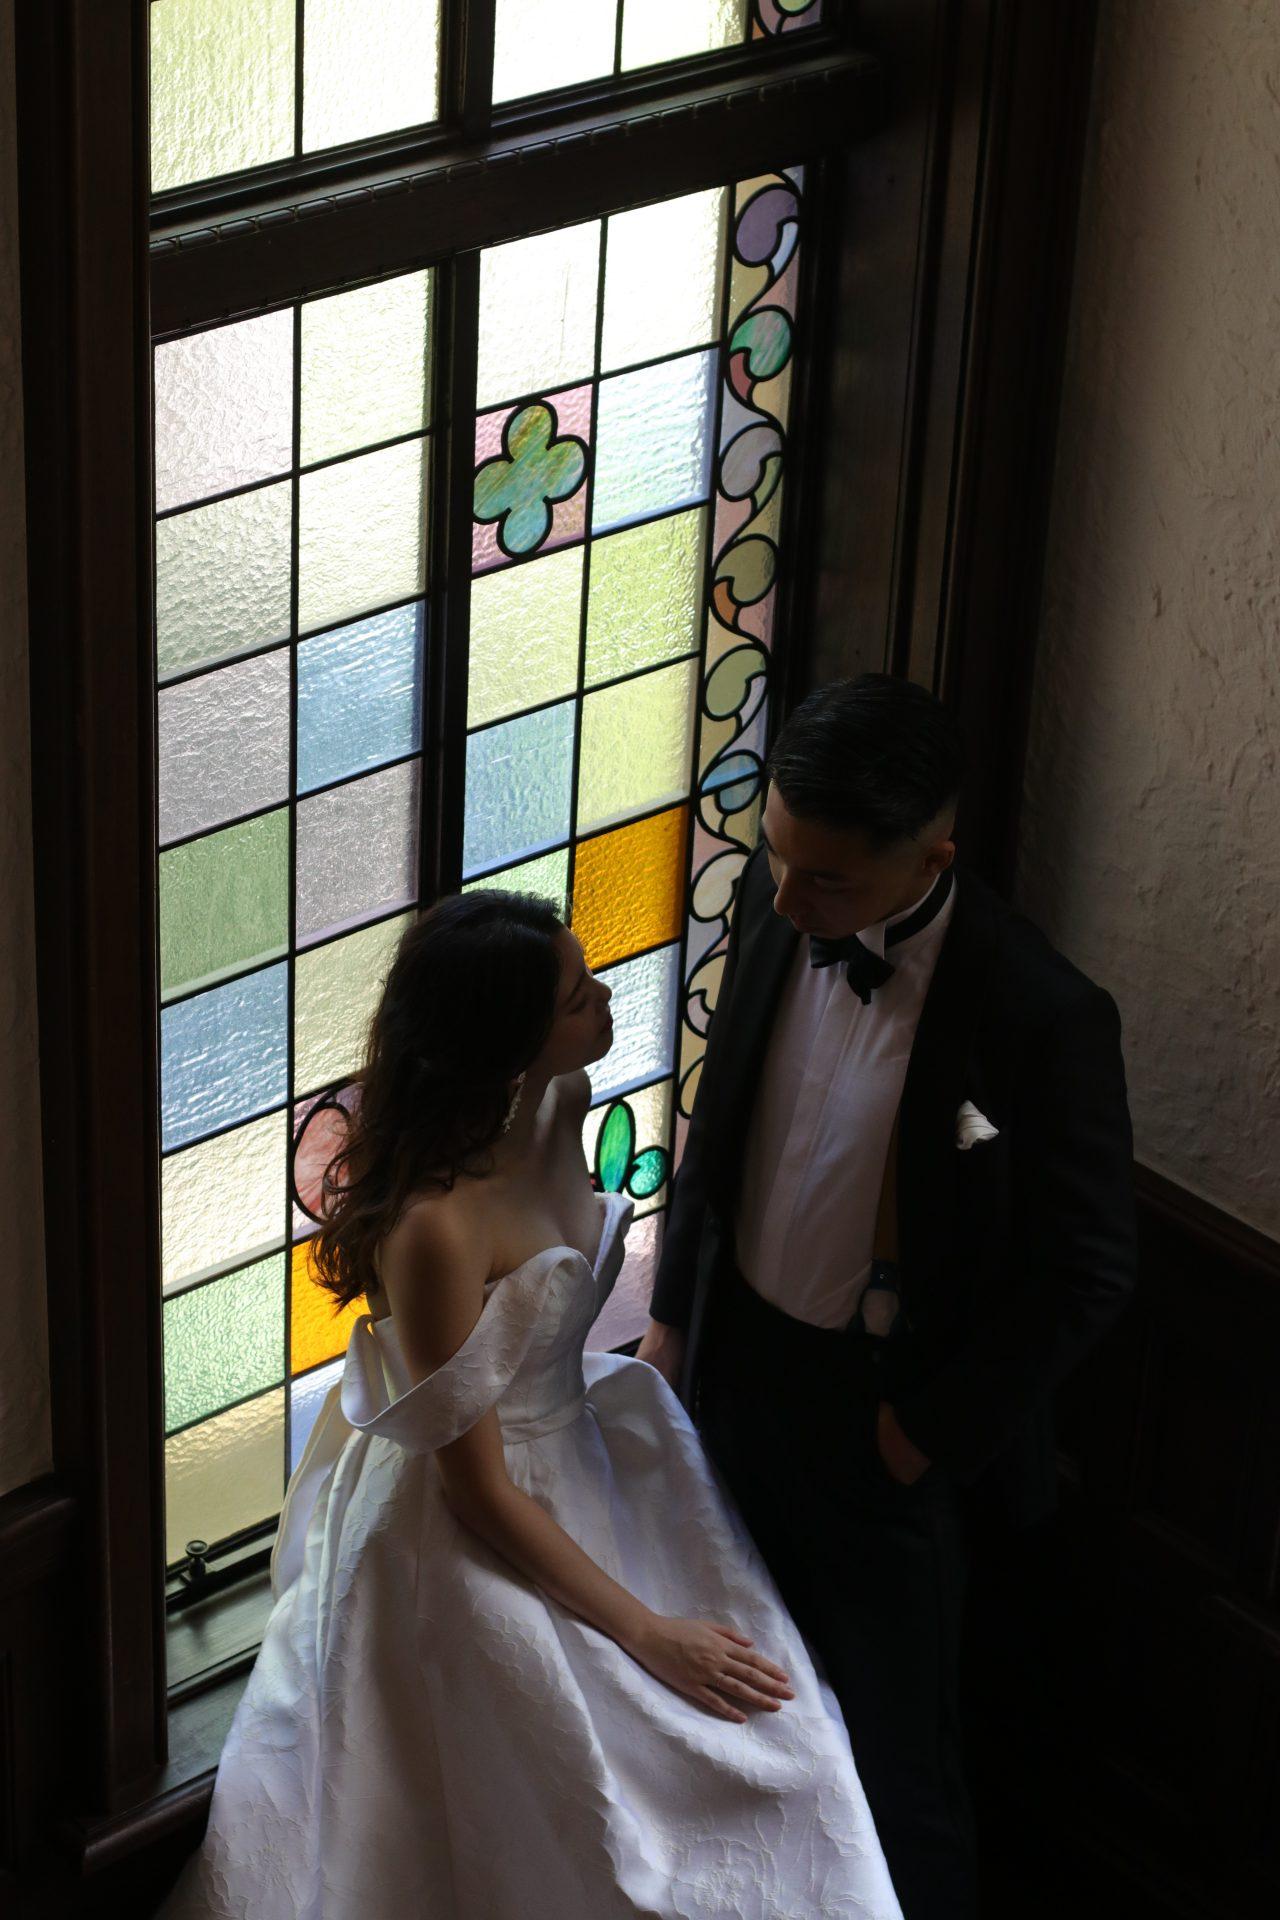 東京赤坂で人気のゲストハウス、赤坂プリンスクラシックハウスでお式を挙げる新婦様には、花柄ジャガード生地の上品な光沢とオフショルダーのデザインがエレガントなキャロリーナへレラのAラインドレスがおすすめです